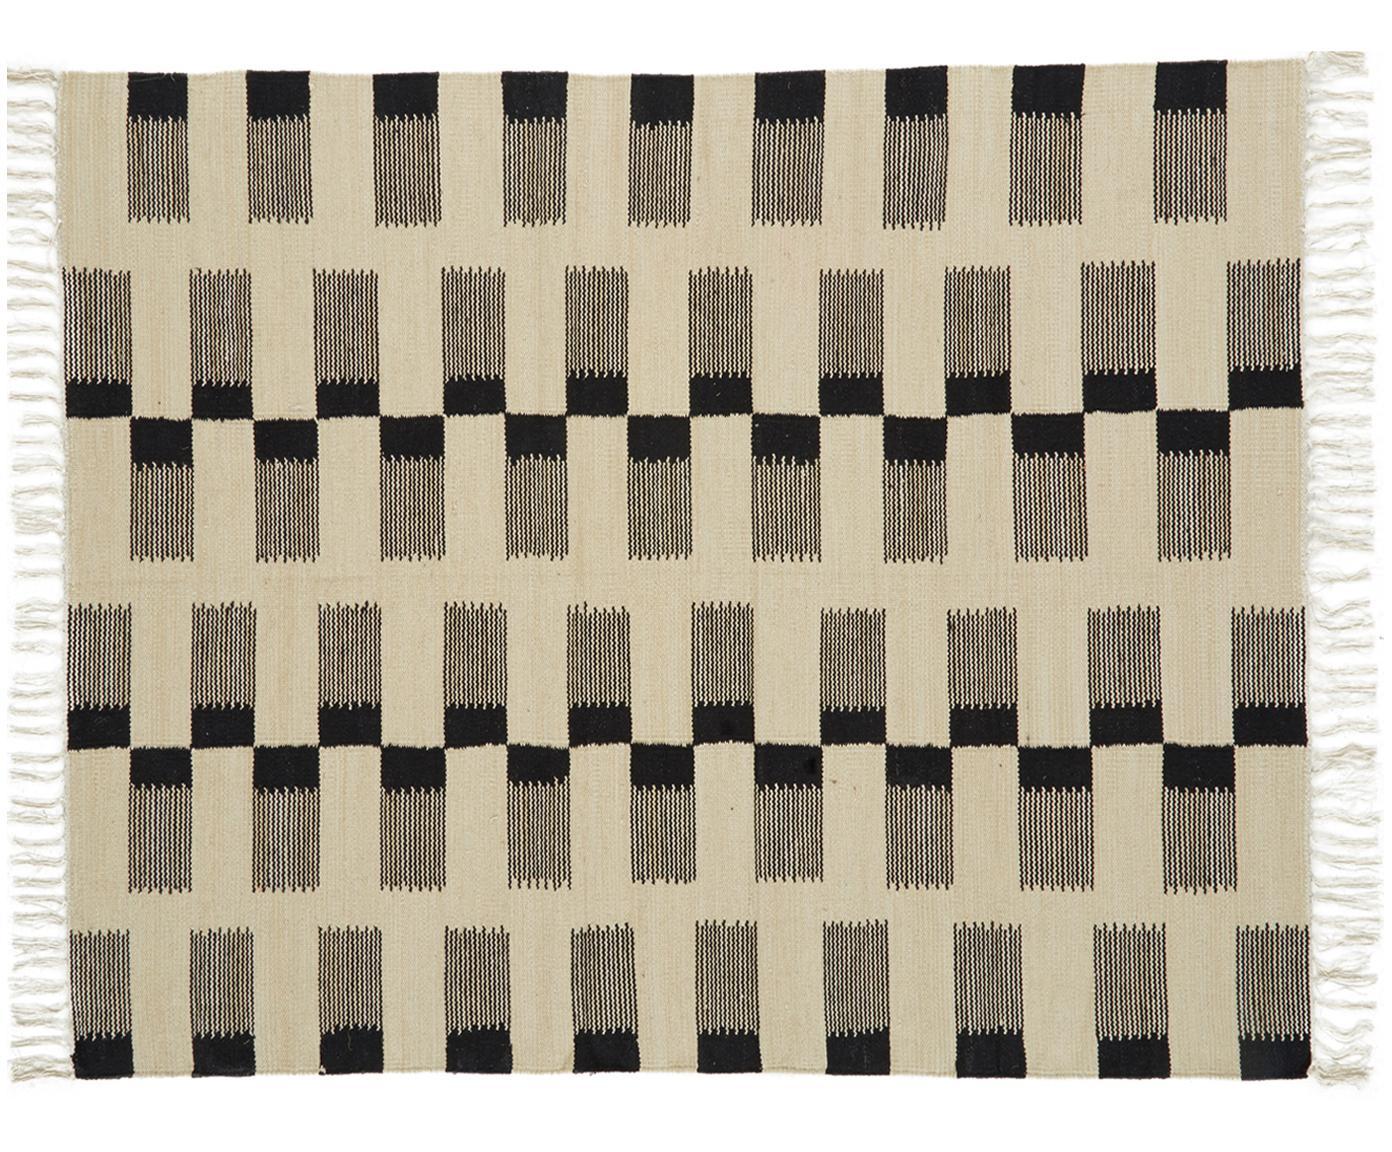 Teppich Grabig mit Blockmuster in Beige-Schwarz, Beige, Schwarz, B 130 x L 170 cm (Größe S)